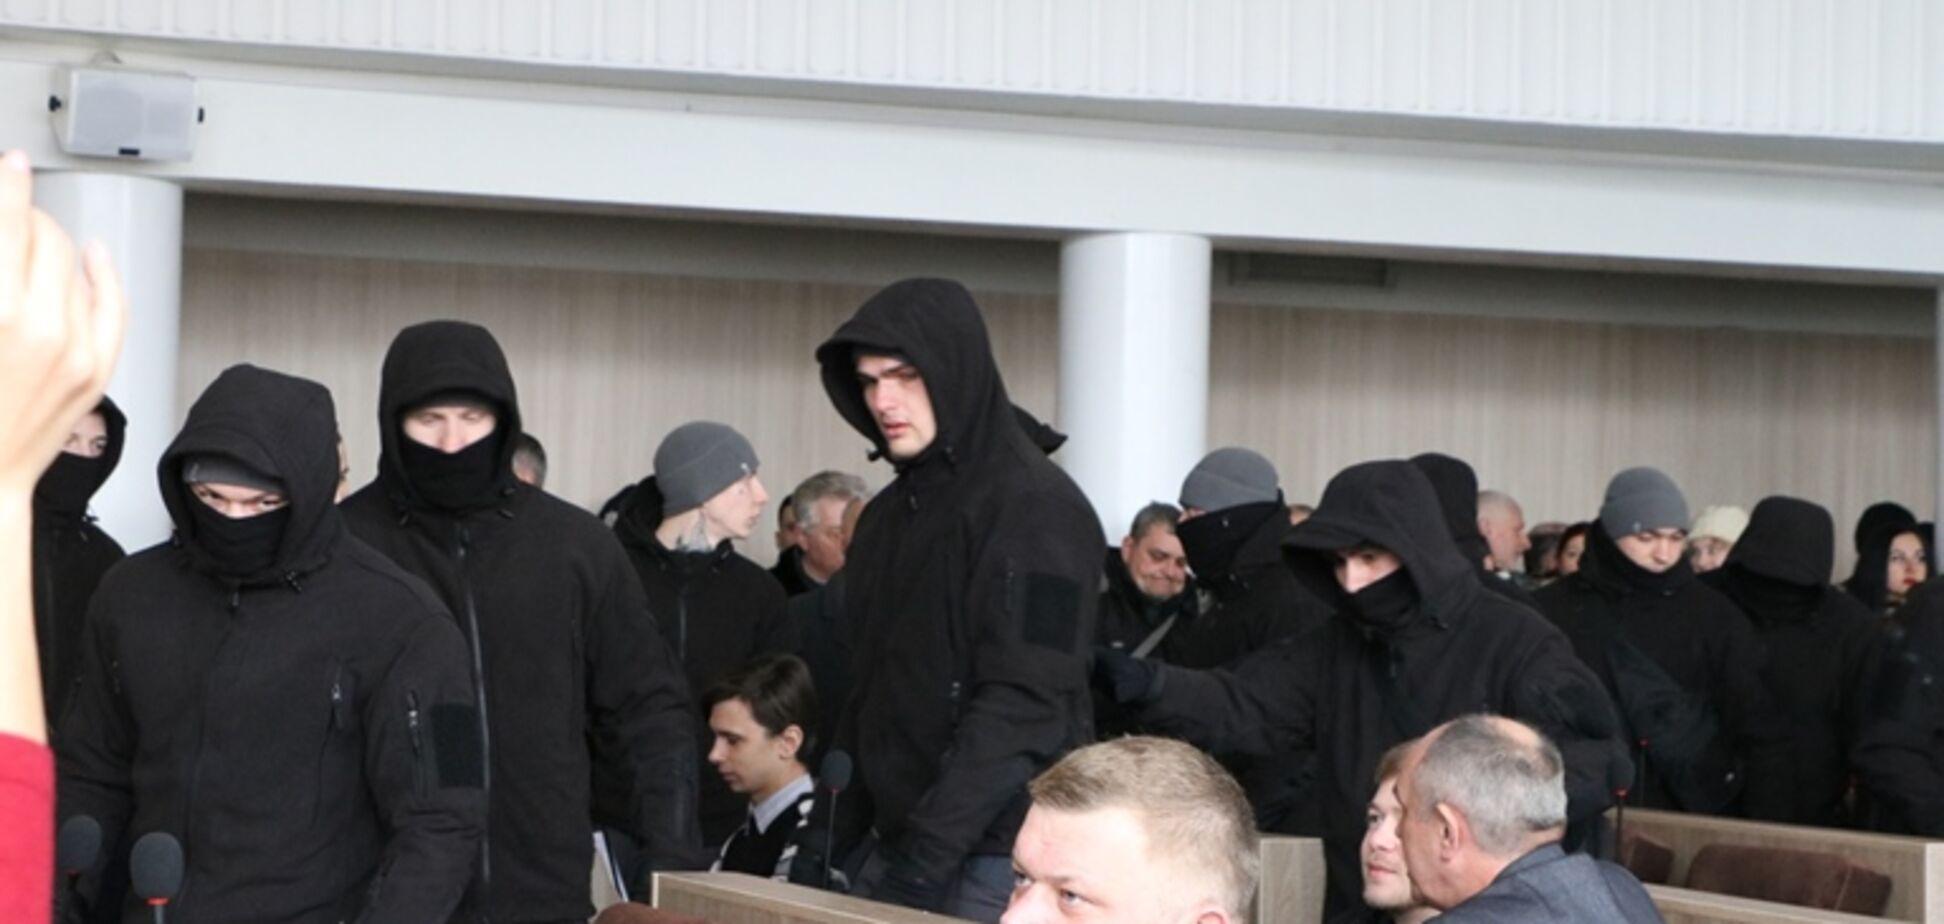 Скандальная сессия в Черкассах: депутатов взяли в заложники и заставляли голосовать